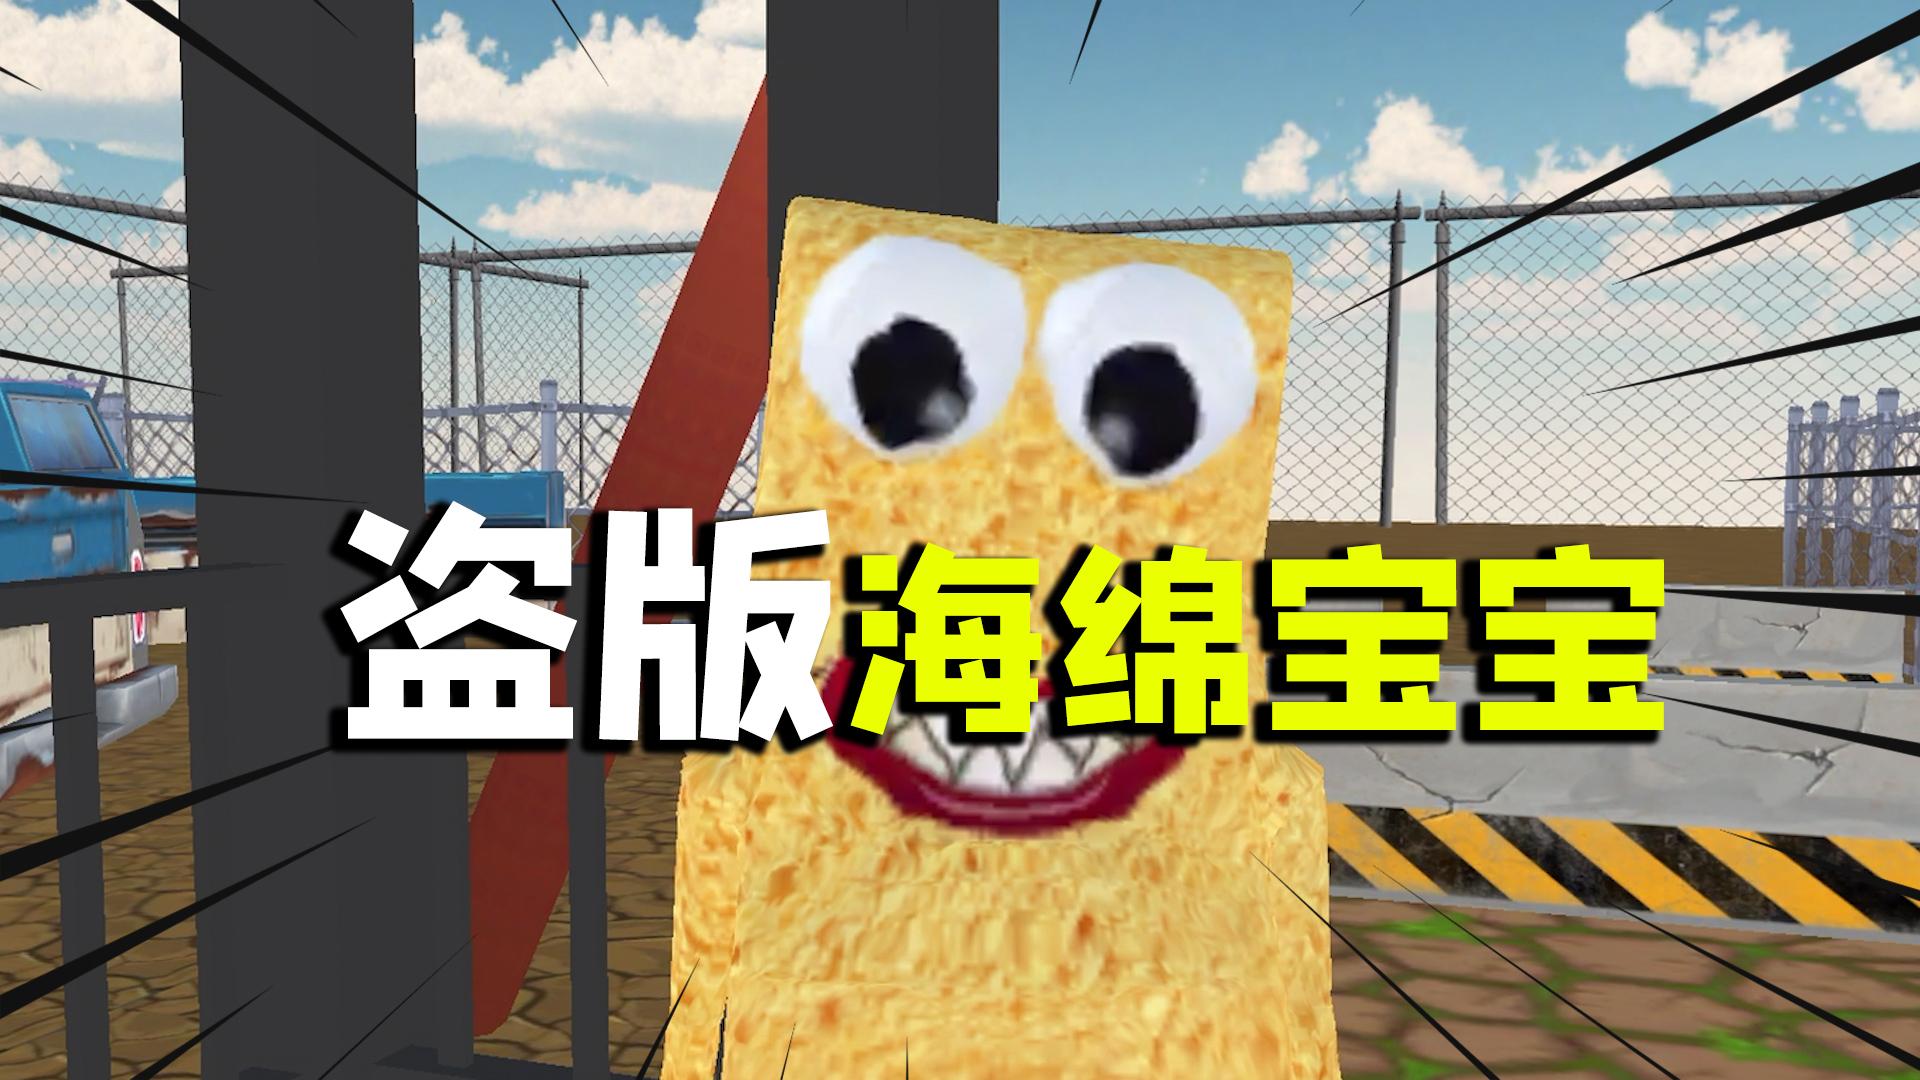 【试毒时间】山寨海绵宝宝,这盗版游戏,人物毁童年啊!